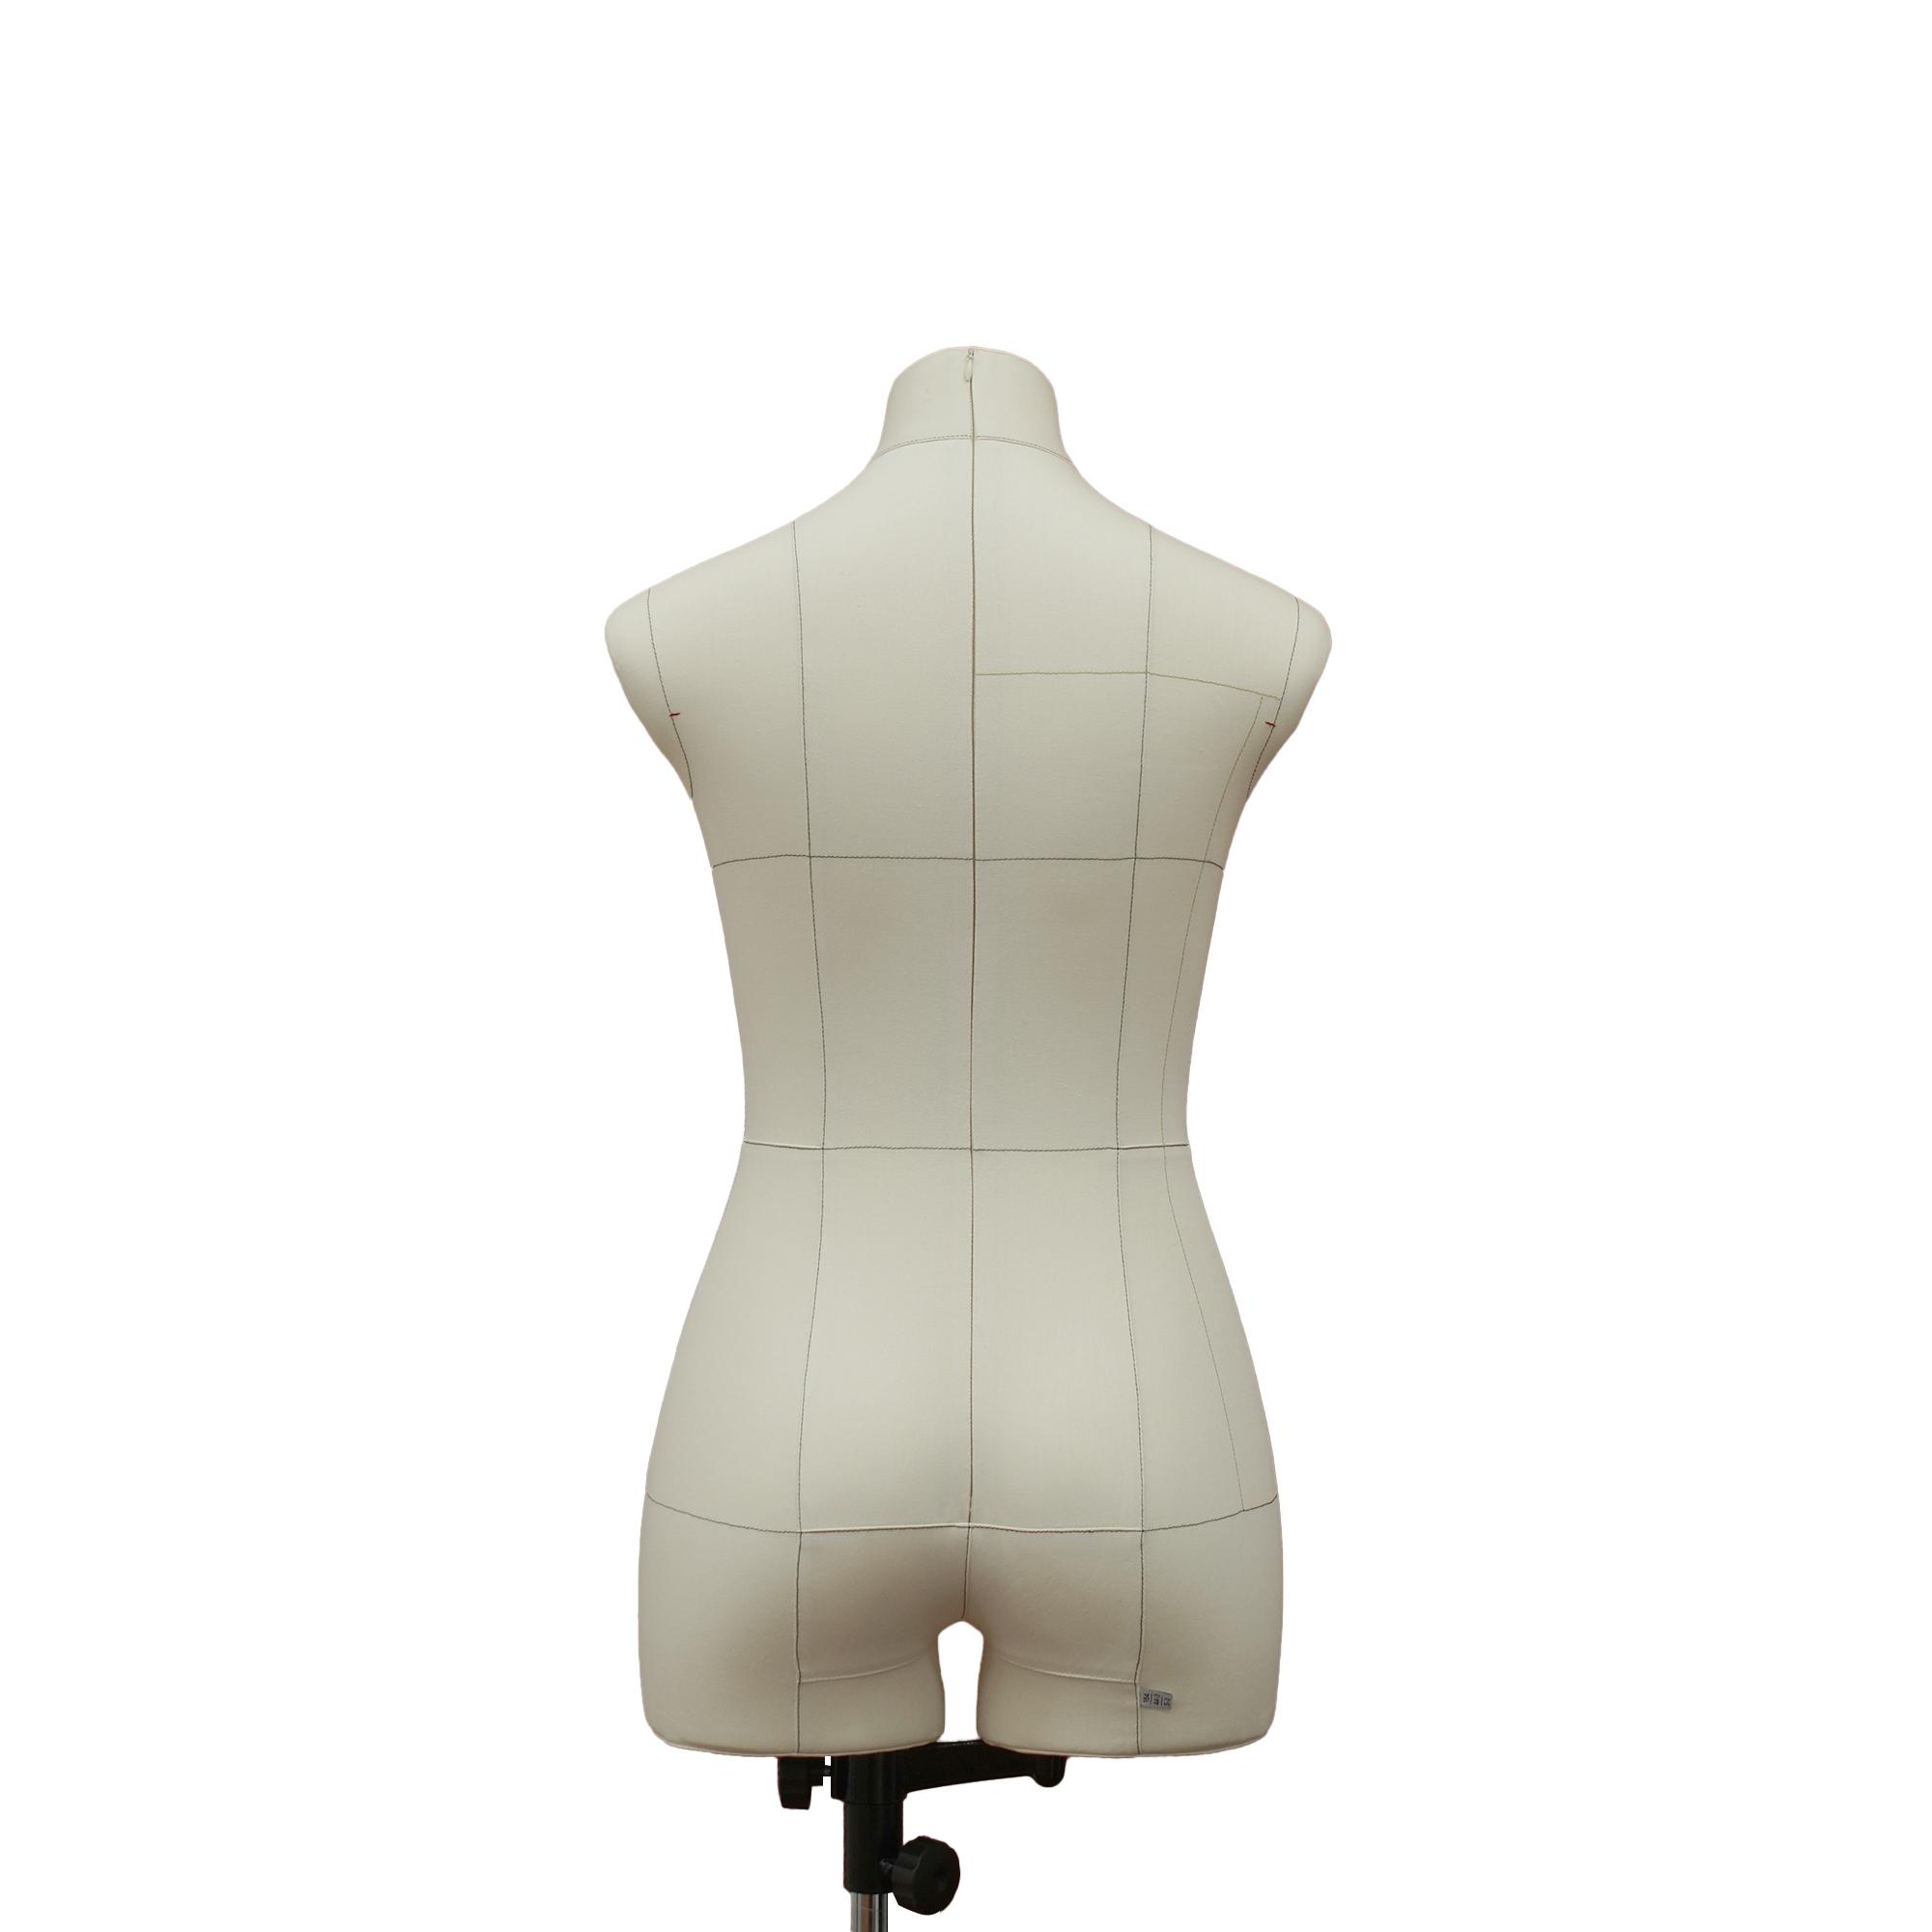 Манекен портновский Моника, комплект Стандарт, размер 44, тип фигуры Песочные часы, бежевыйФото 1